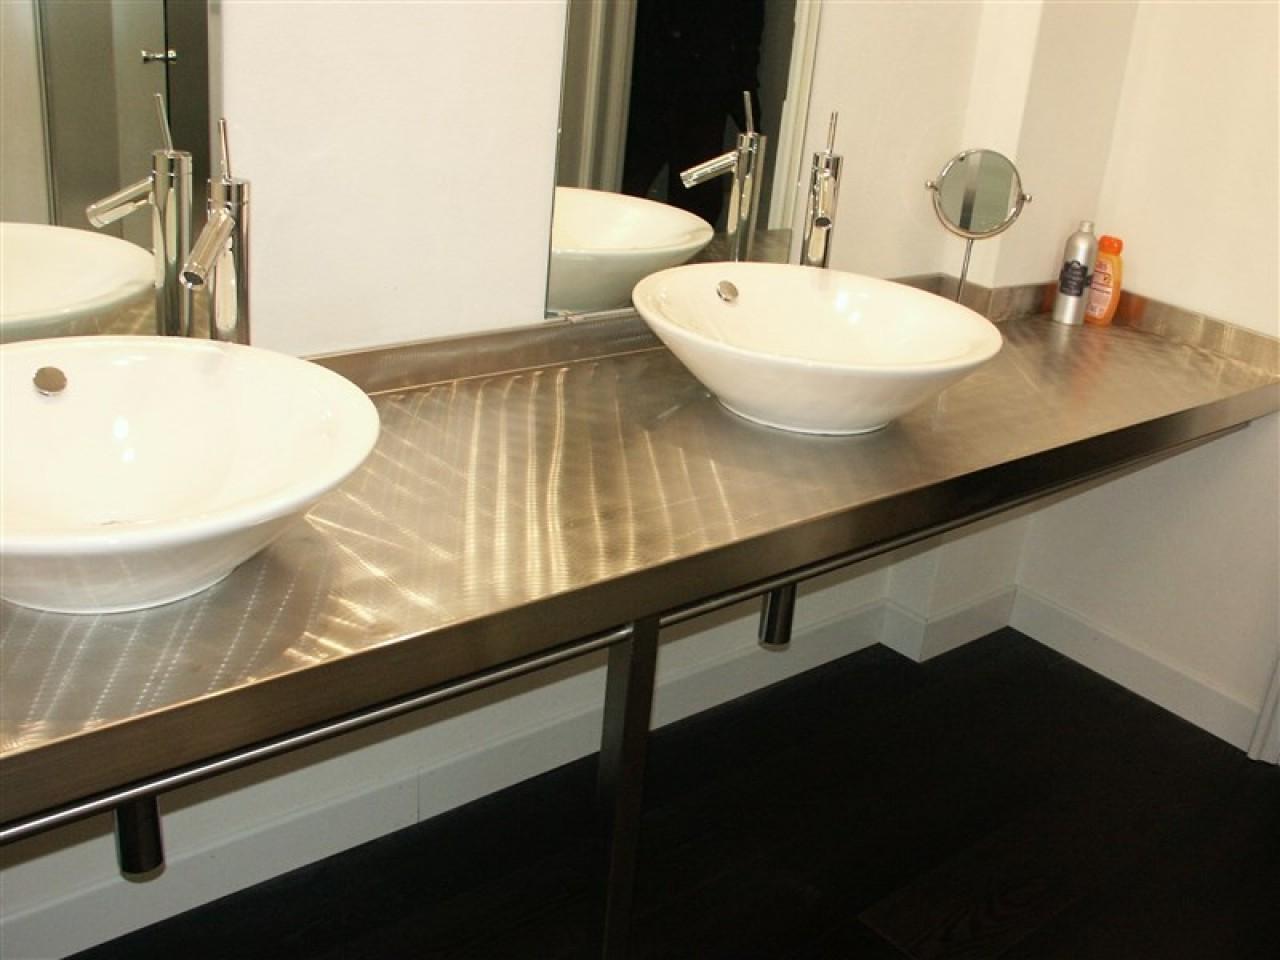 Arredo bagno acciaio spazzolato progetti borlina acciaio